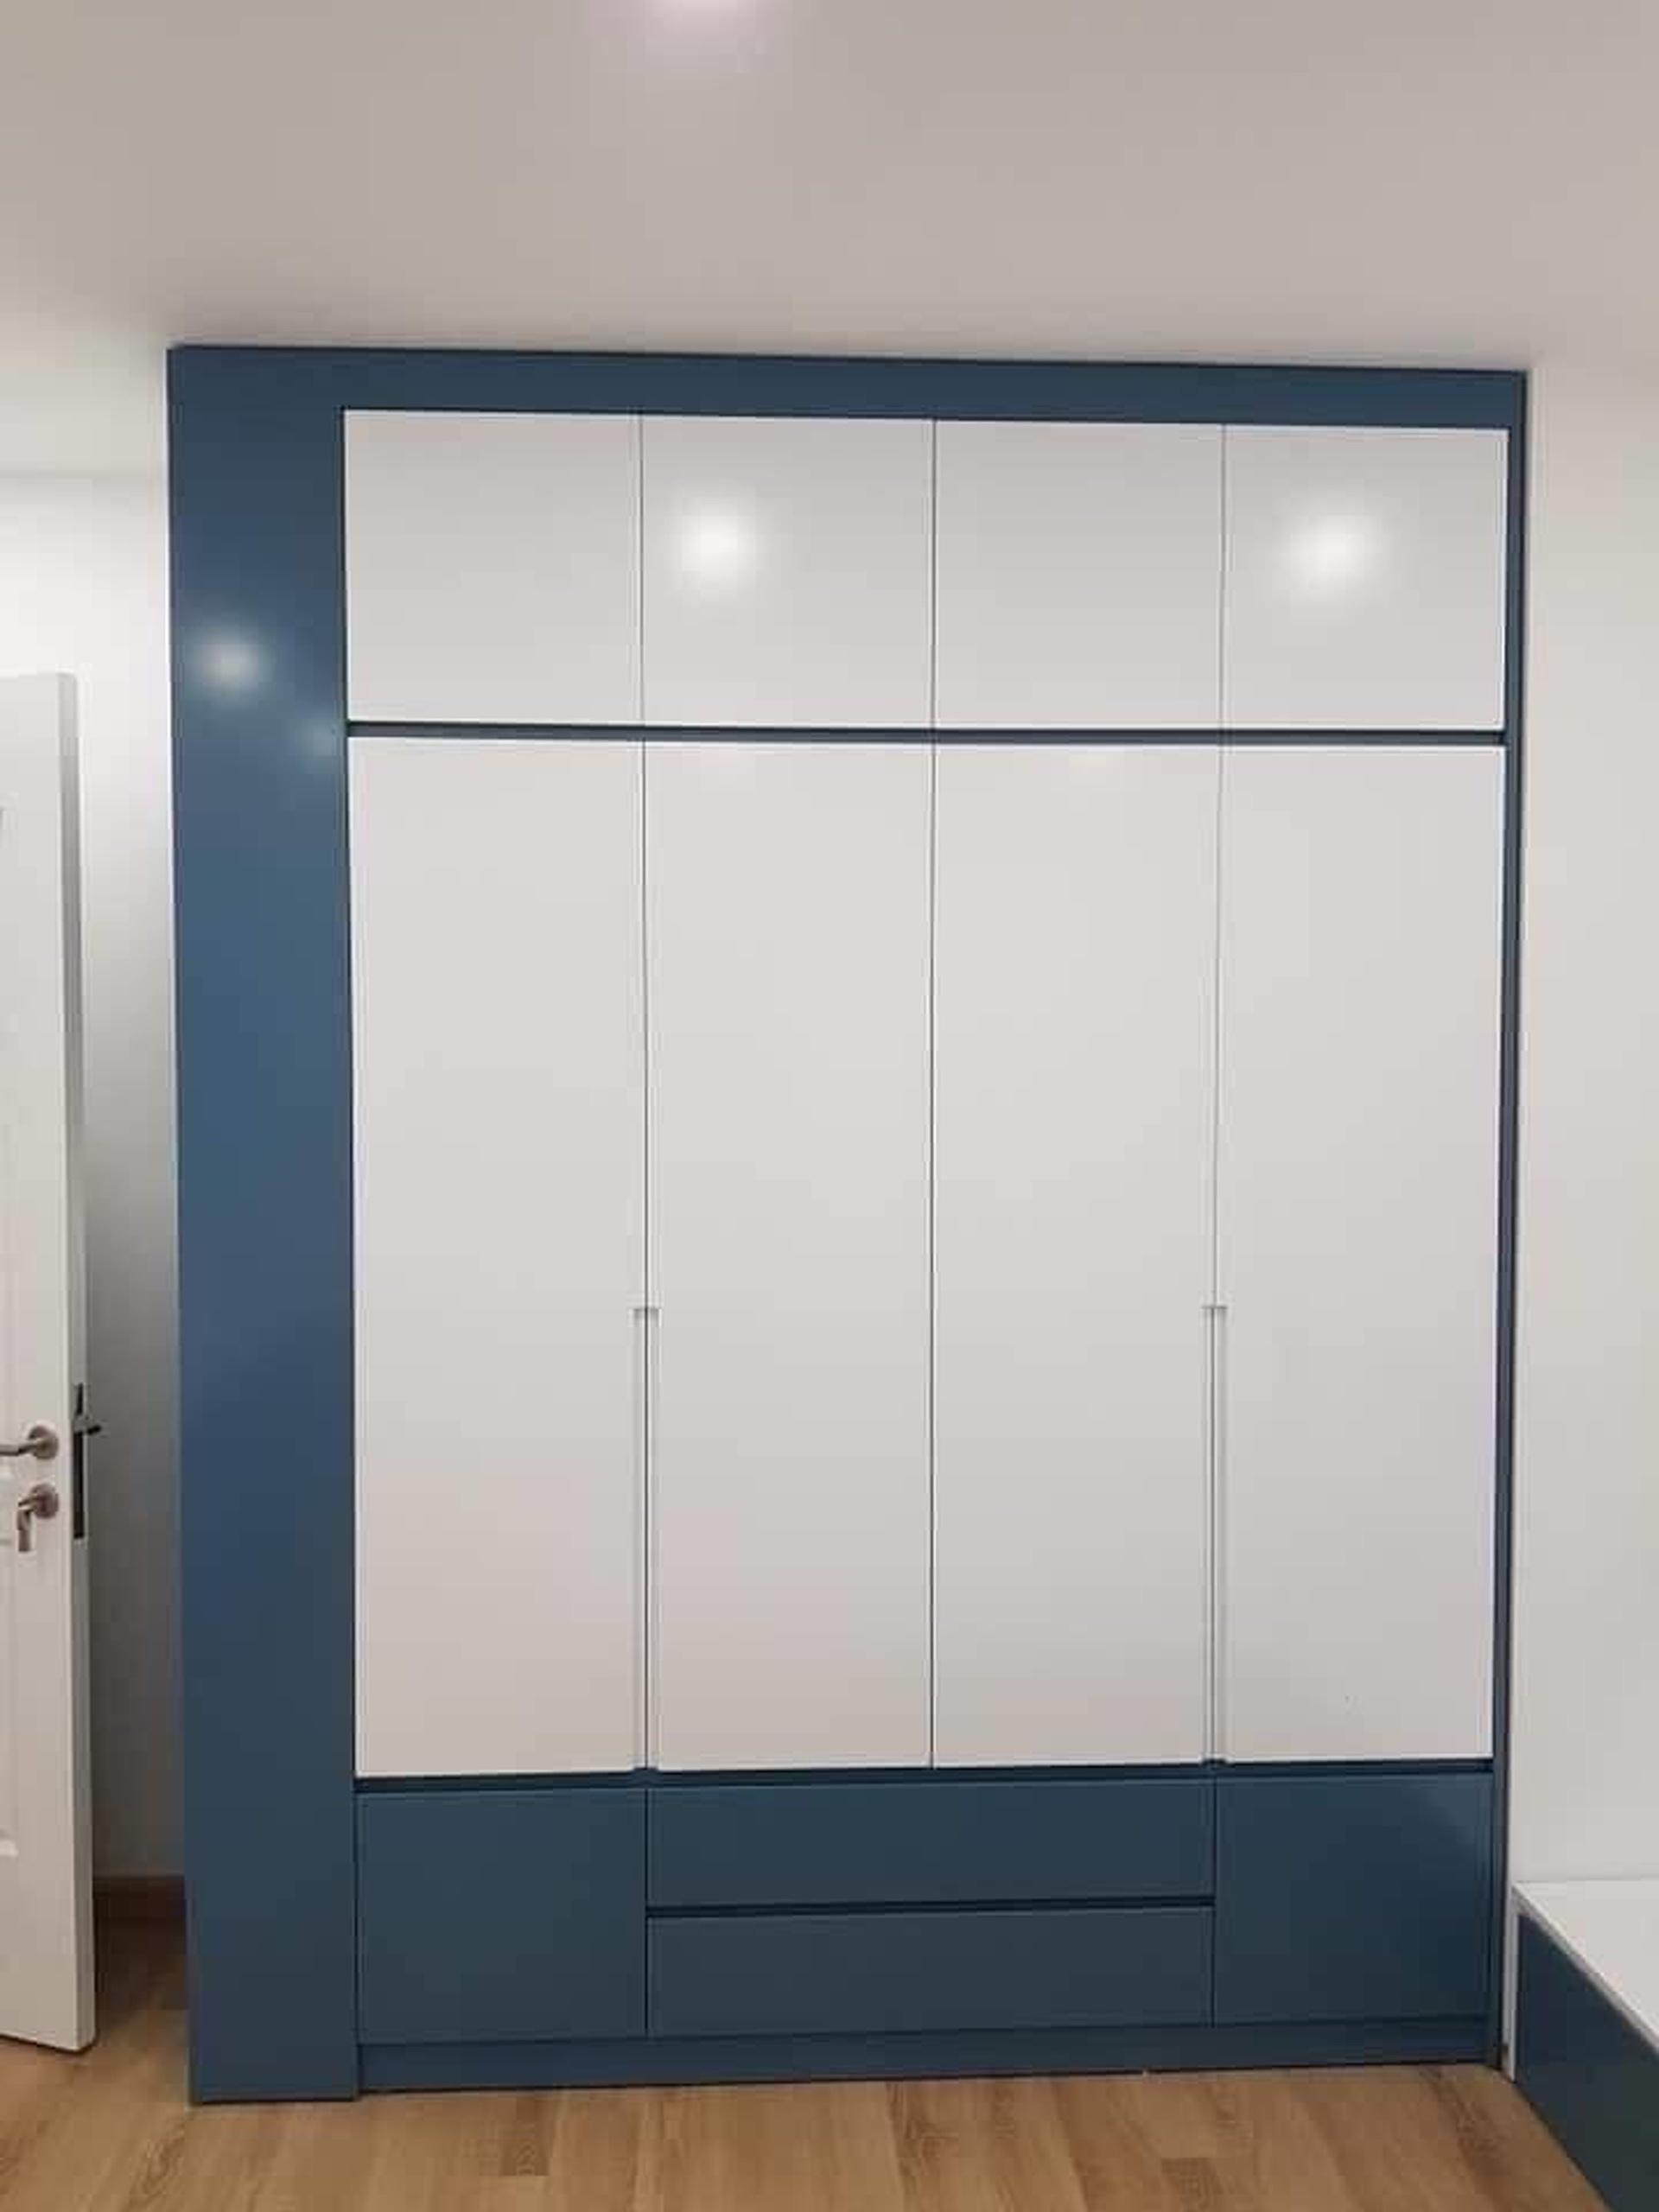 Mẫu tủ áo gỗ công nghiệp đẹp, tone màu xanh trắng sang trọng